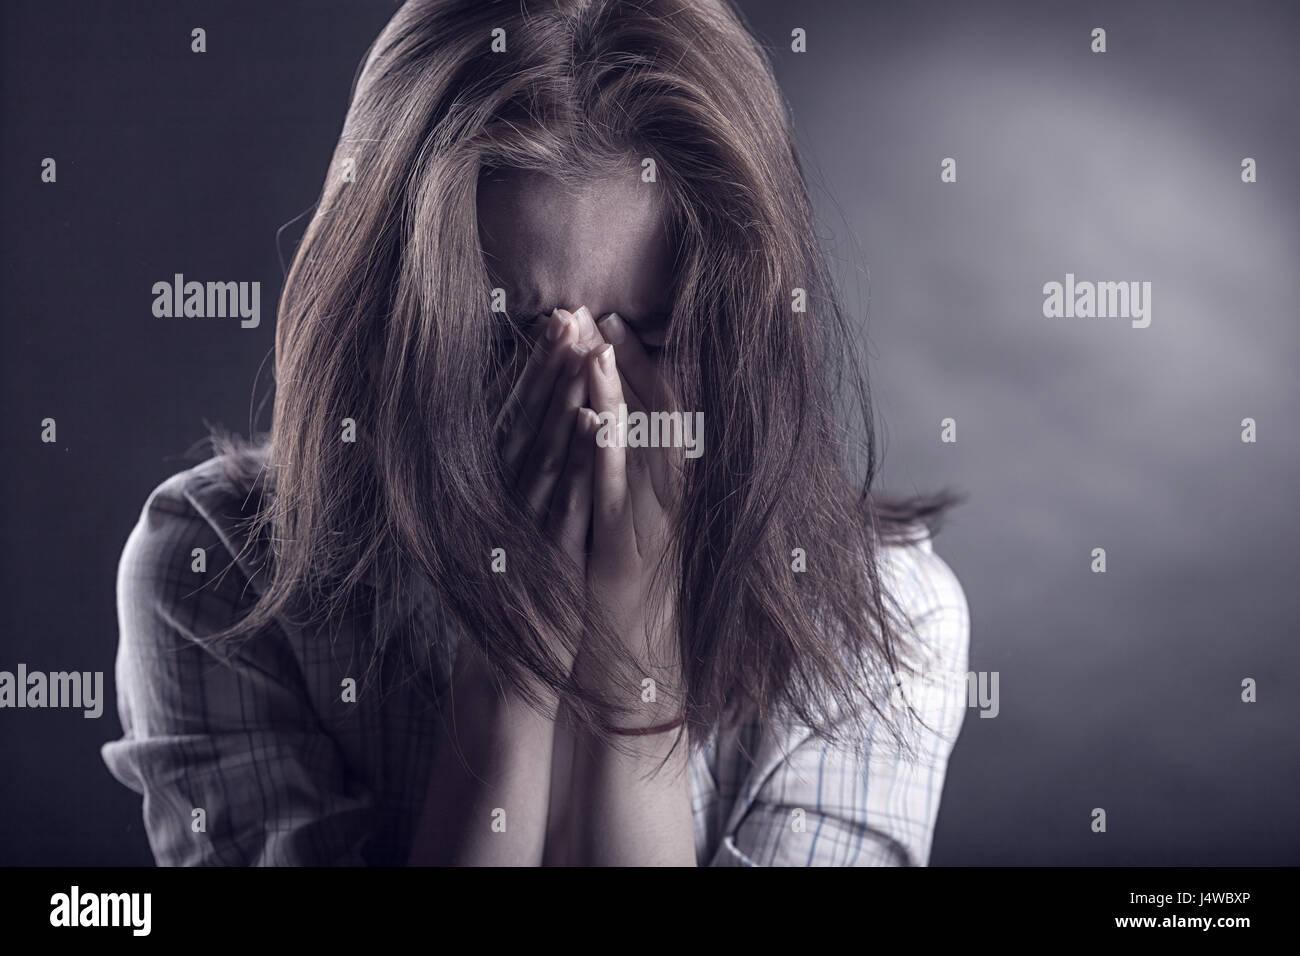 Giovane donna in lacrime nelle sue mani su sfondo scuro Immagini Stock